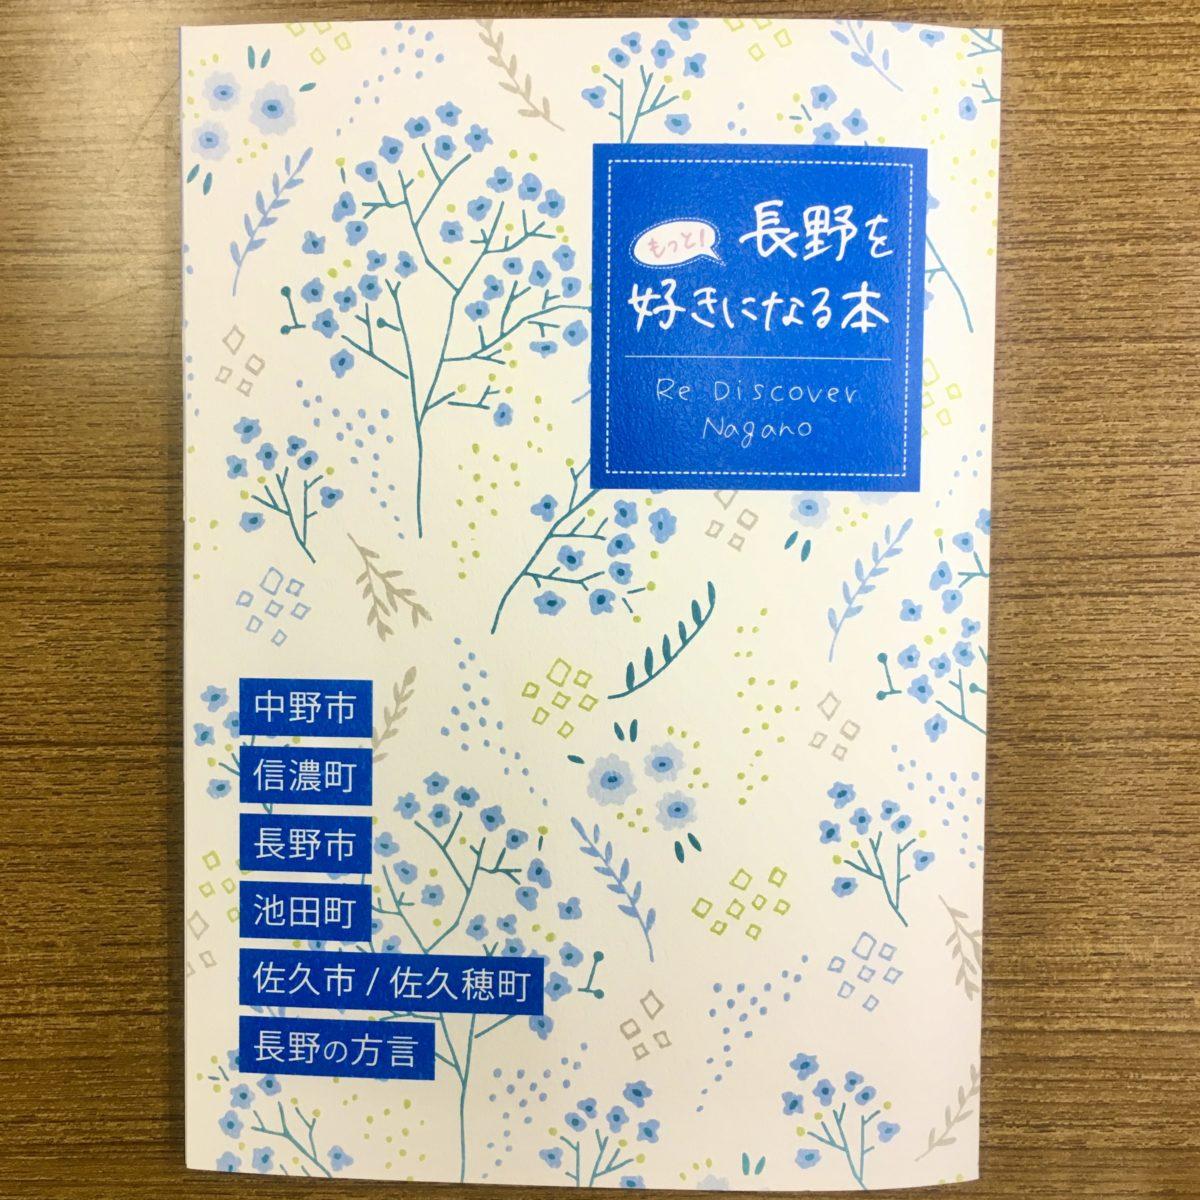 『長野をもっと好きになる本』刊行しました(国際コミュニケーション科 武田ゼミ)